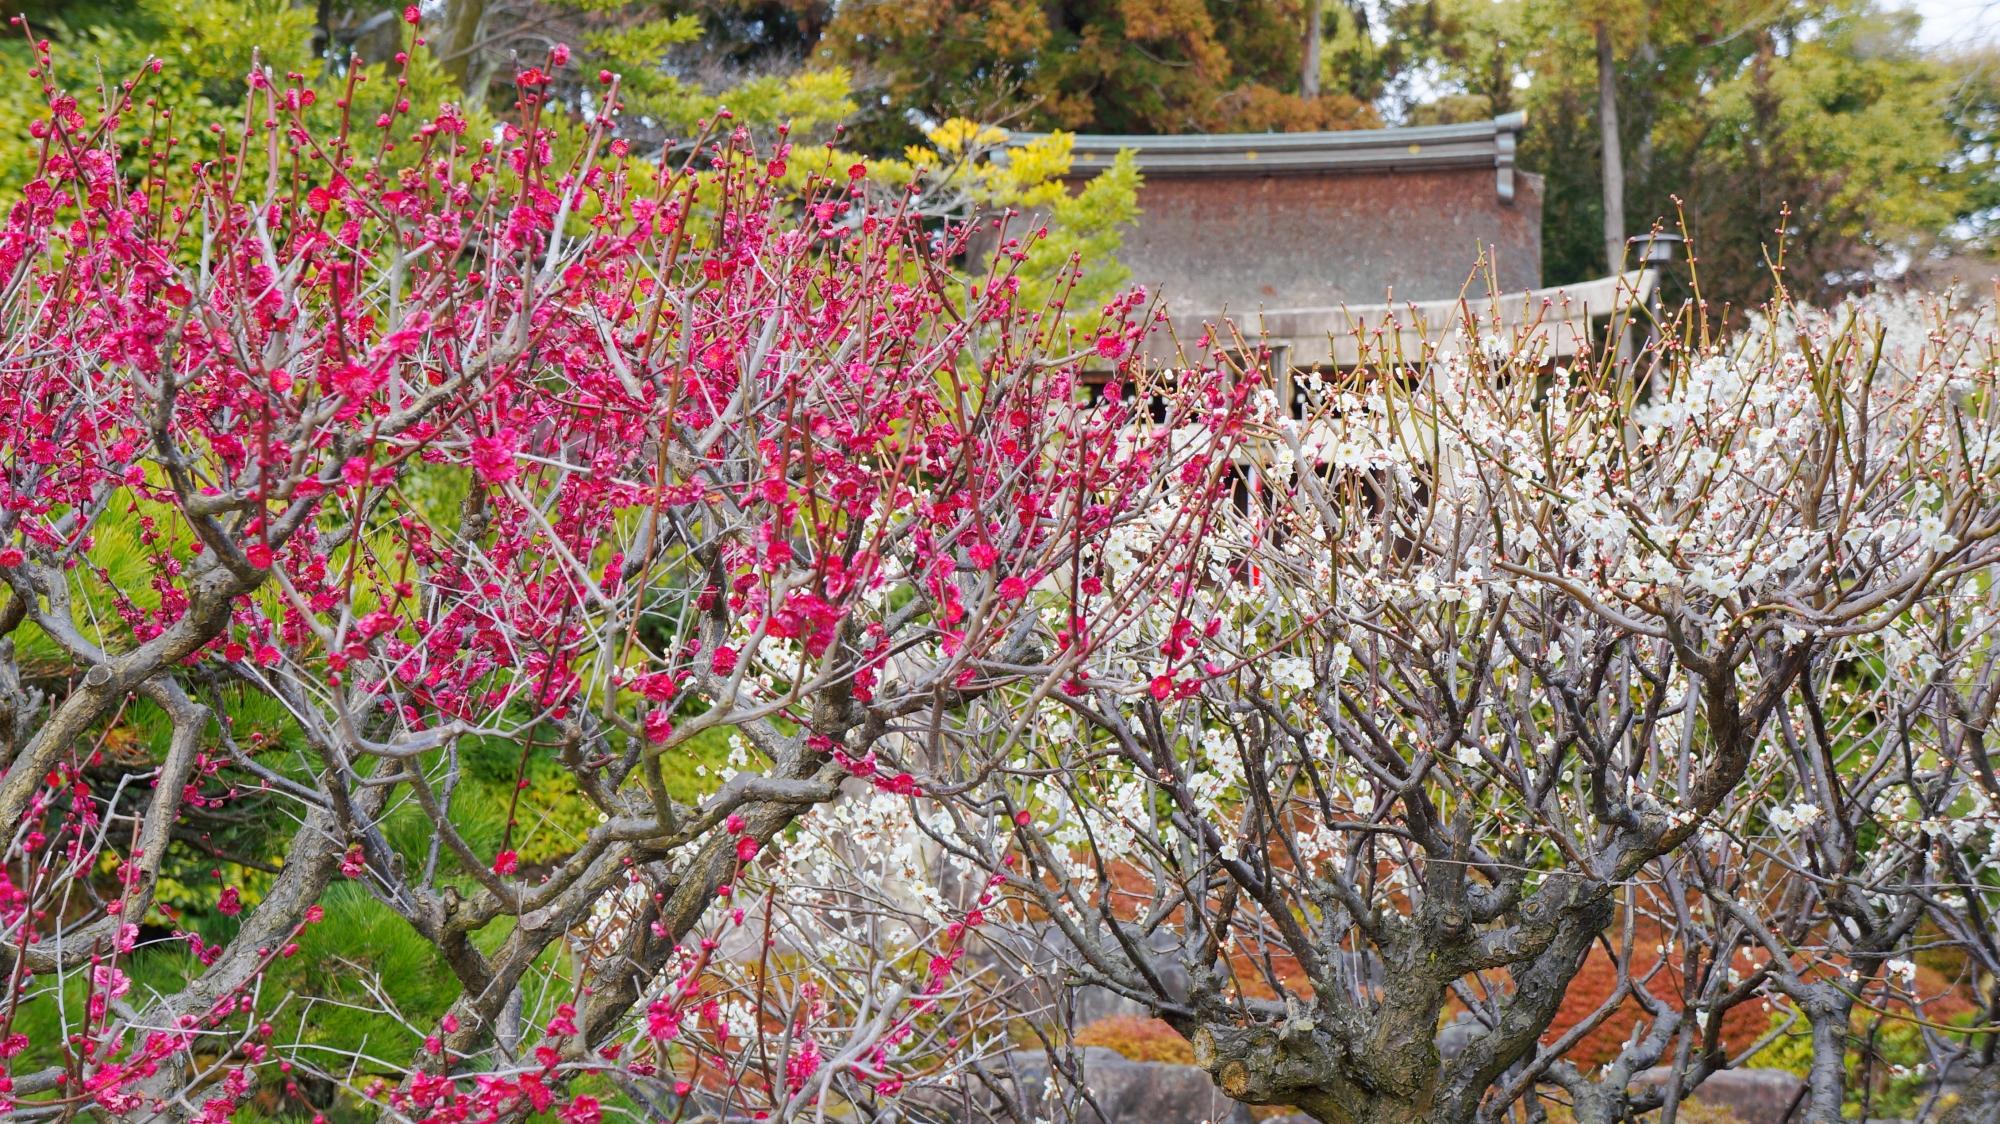 紅白の梅が咲き誇る室町の庭